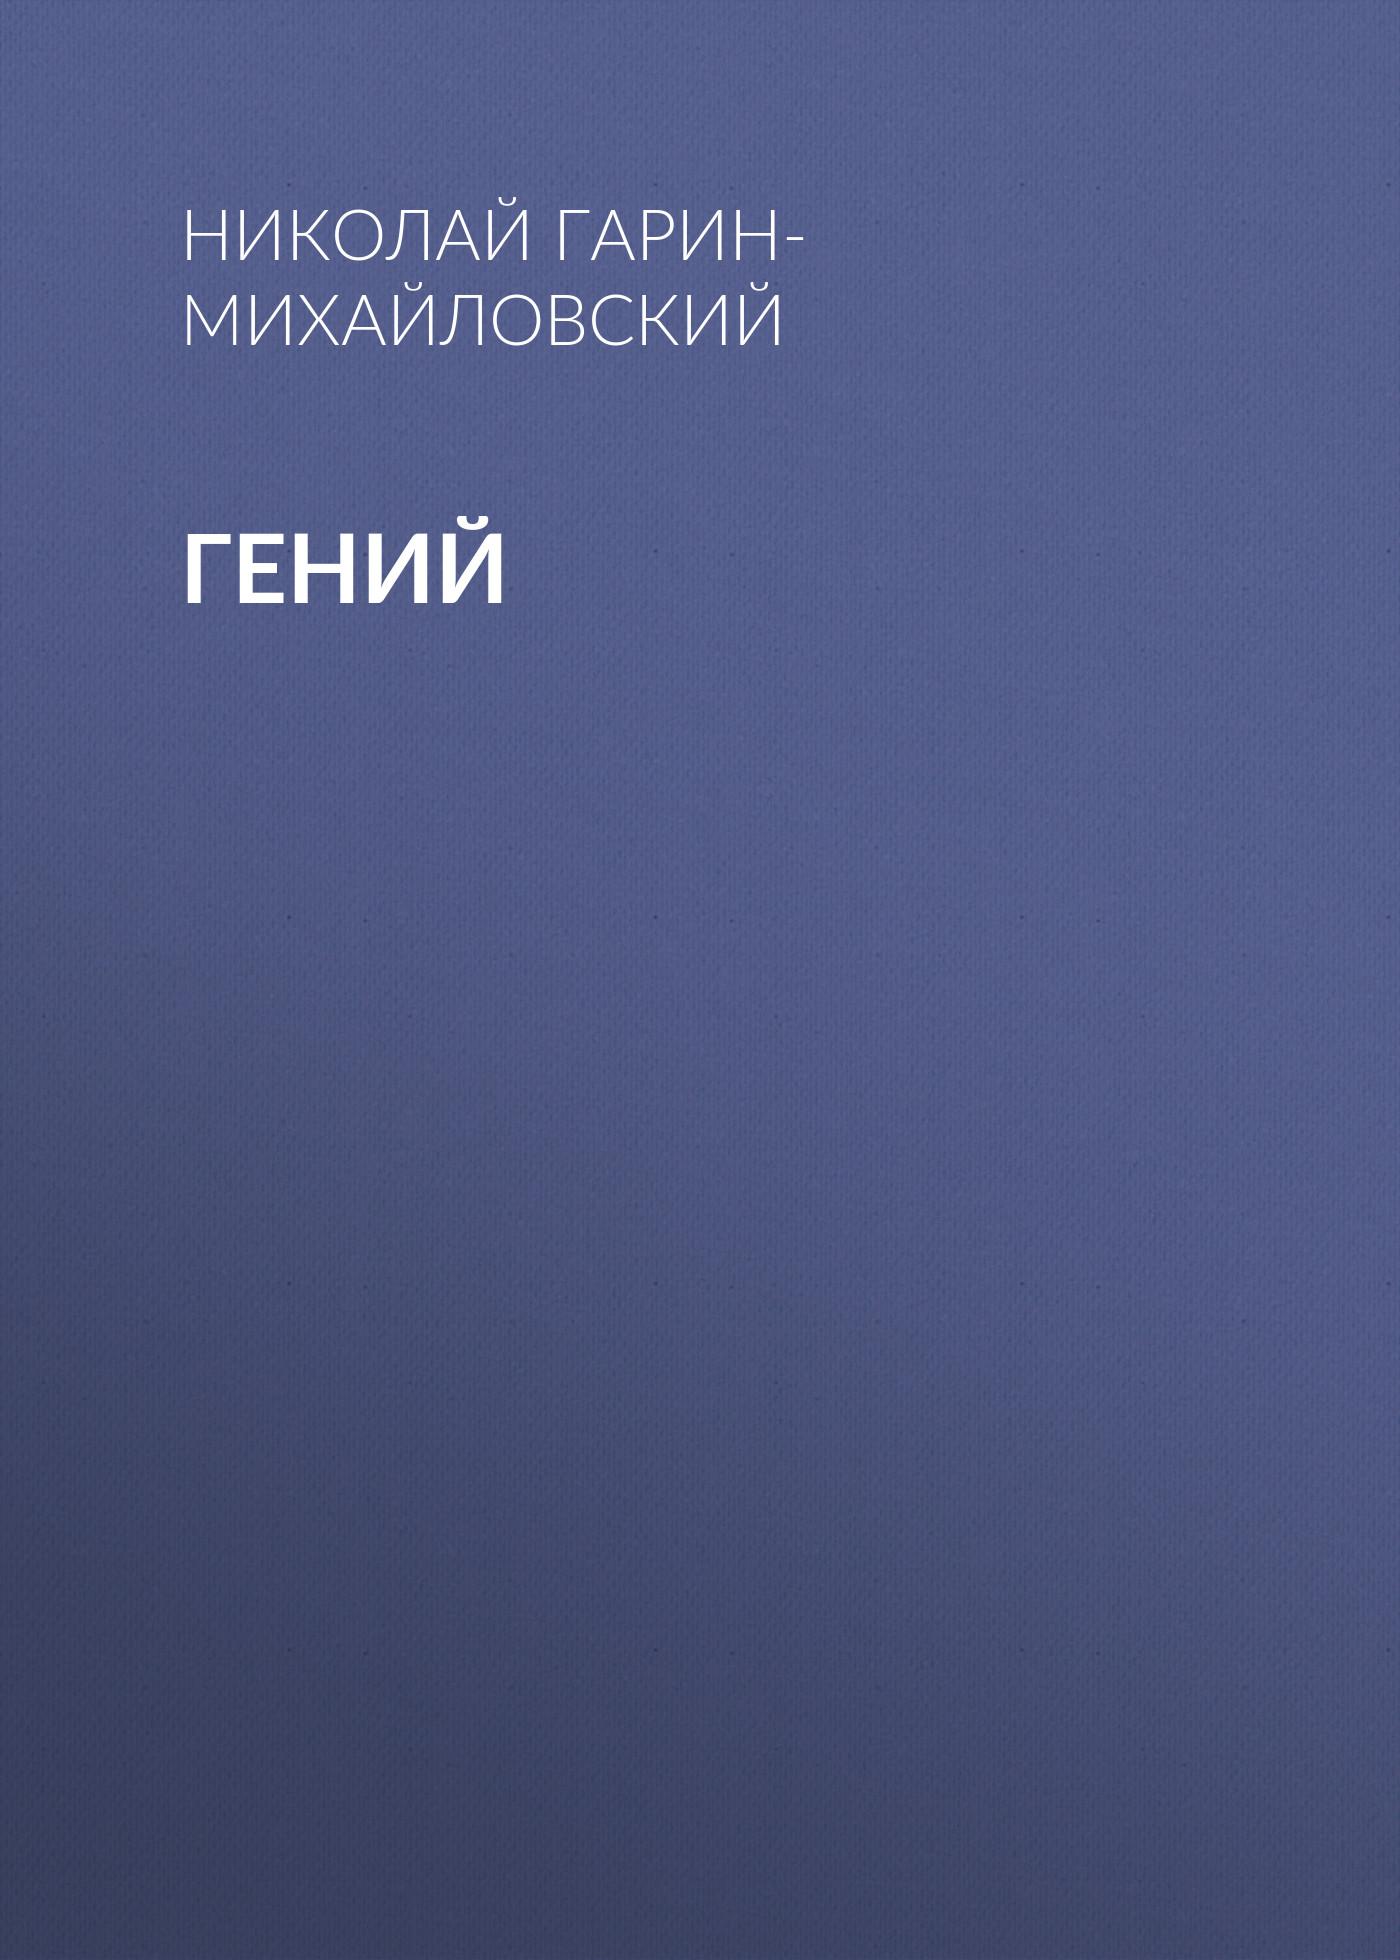 Николай Гарин-Михайловский Гений николай гарин михайловский как появились мыши и с каких пор перестали убивать стариков